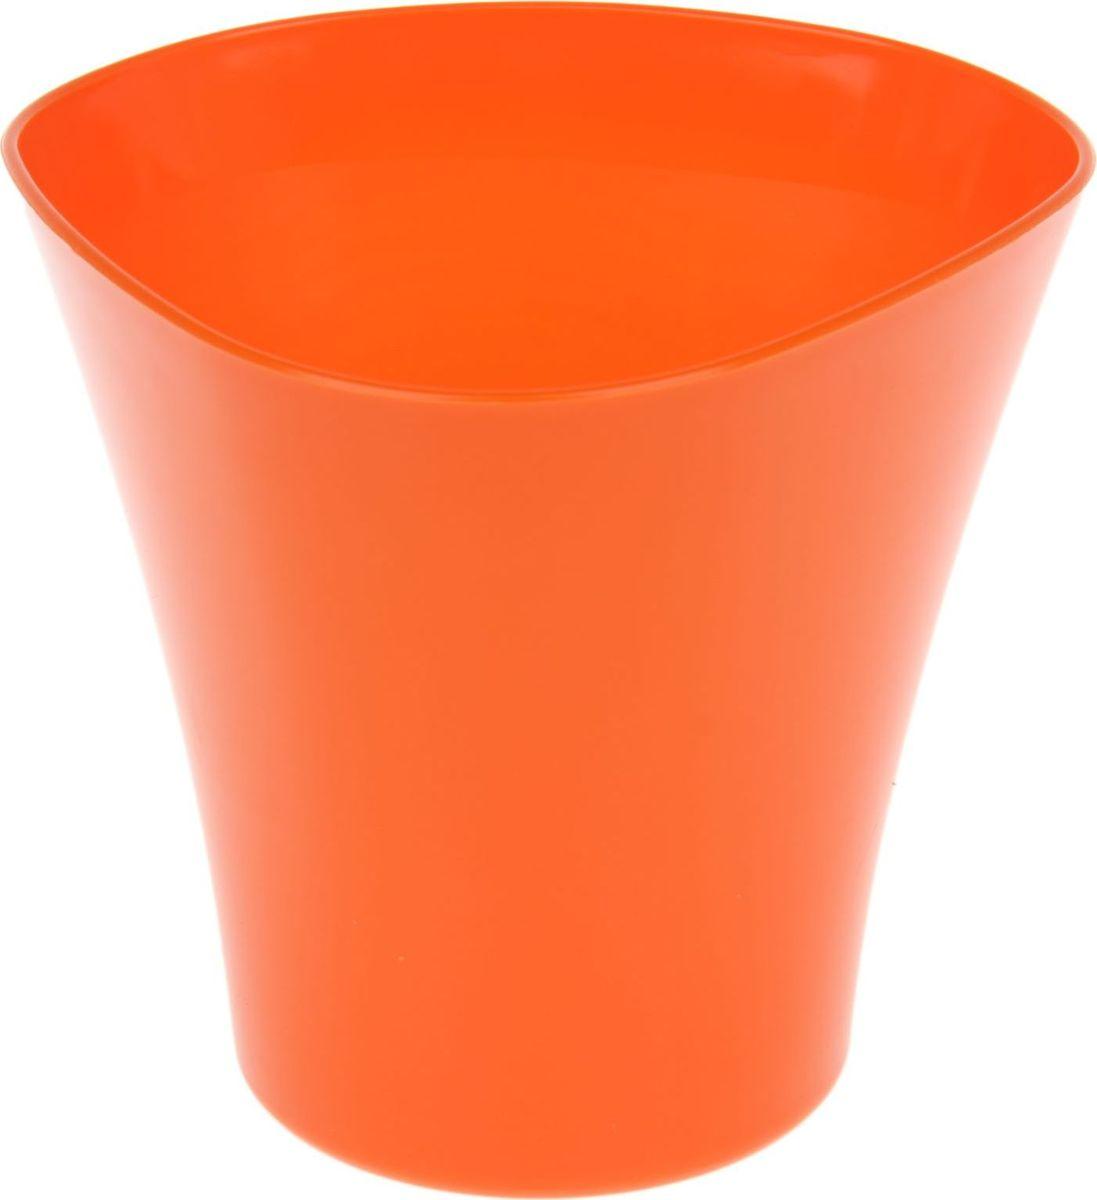 Кашпо JetPlast Волна, цвет: оранжевый, 3 л4612754050598Любой, даже самый современный и продуманный интерьер будет не завершённым без растений. Они не только очищают воздух и насыщают его кислородом, но и заметно украшают окружающее пространство. Такому полезному &laquo члену семьи&raquoпросто необходимо красивое и функциональное кашпо, оригинальный горшок или необычная ваза! Мы предлагаем - Кашпо 3 л Волна, цвет оранжевый!Оптимальный выбор материала &mdash &nbsp пластмасса! Почему мы так считаем? Малый вес. С лёгкостью переносите горшки и кашпо с места на место, ставьте их на столики или полки, подвешивайте под потолок, не беспокоясь о нагрузке. Простота ухода. Пластиковые изделия не нуждаются в специальных условиях хранения. Их&nbsp легко чистить &mdashдостаточно просто сполоснуть тёплой водой. Никаких царапин. Пластиковые кашпо не царапают и не загрязняют поверхности, на которых стоят. Пластик дольше хранит влагу, а значит &mdashрастение реже нуждается в поливе. Пластмасса не пропускает воздух &mdashкорневой системе растения не грозят резкие перепады температур. Огромный выбор форм, декора и расцветок &mdashвы без труда подберёте что-то, что идеально впишется в уже существующий интерьер.Соблюдая нехитрые правила ухода, вы можете заметно продлить срок службы горшков, вазонов и кашпо из пластика: всегда учитывайте размер кроны и корневой системы растения (при разрастании большое растение способно повредить маленький горшок)берегите изделие от воздействия прямых солнечных лучей, чтобы кашпо и горшки не выцветалидержите кашпо и горшки из пластика подальше от нагревающихся поверхностей.Создавайте прекрасные цветочные композиции, выращивайте рассаду или необычные растения, а низкие цены позволят вам не ограничивать себя в выборе.